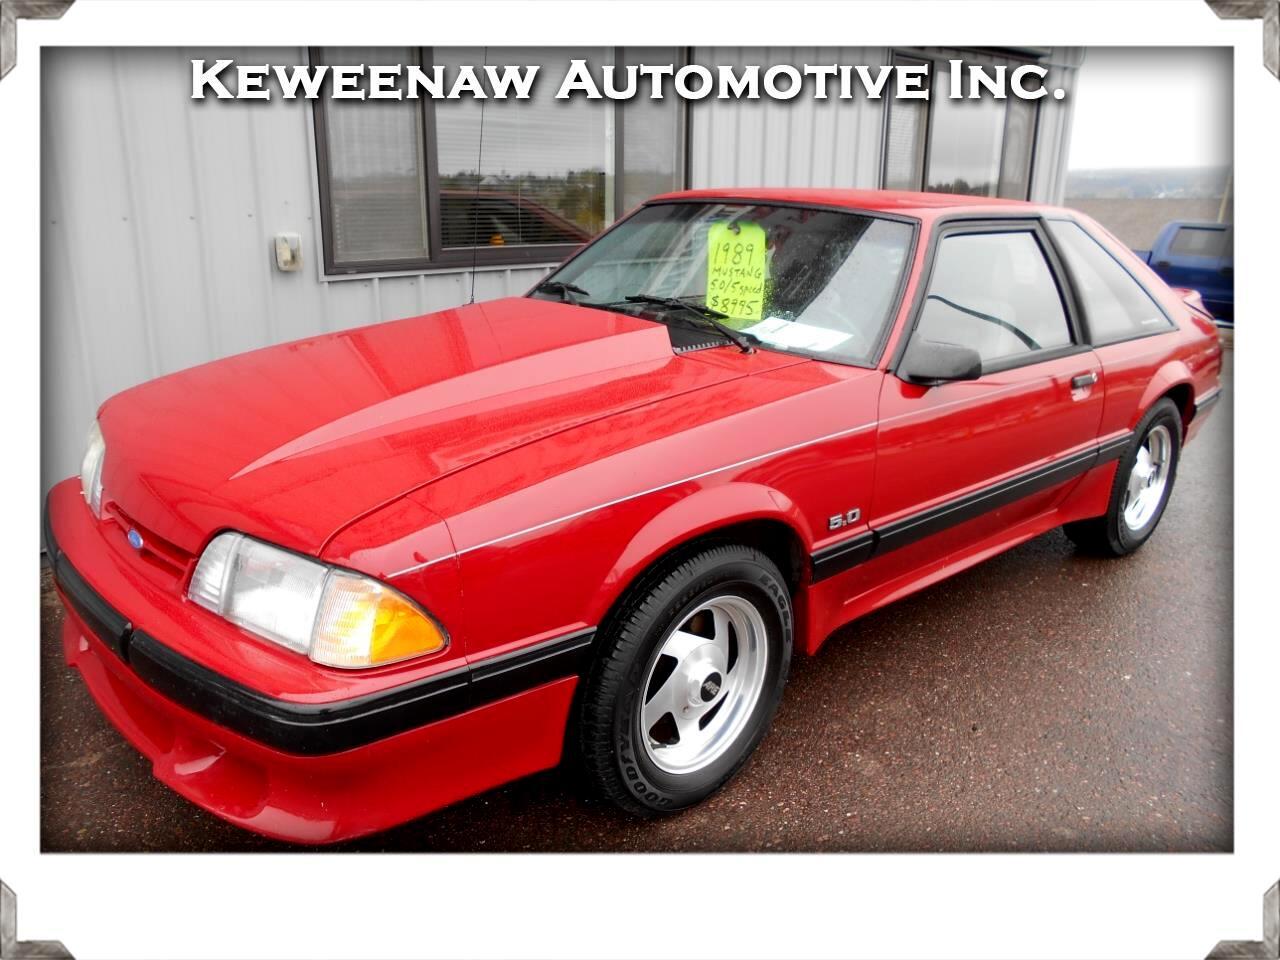 1989 Ford Mustang 2dr Hatchback LX Sport 5.0L